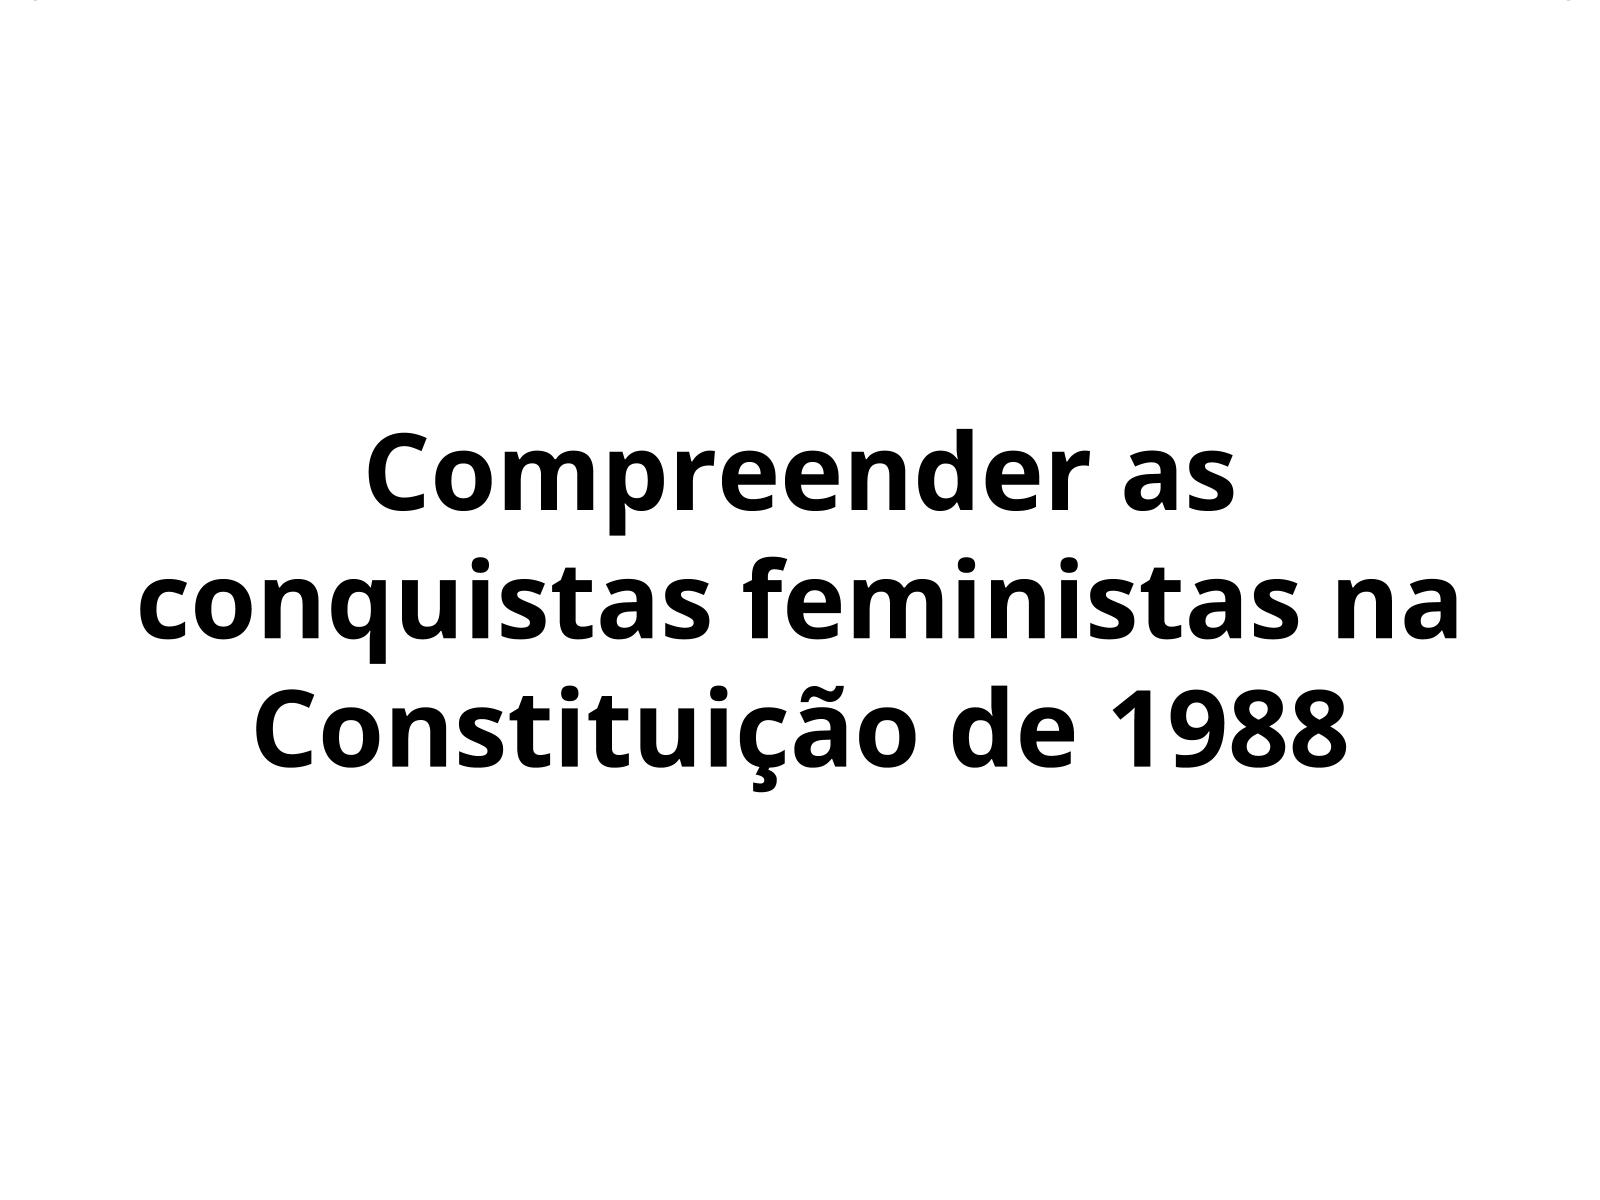 A Constituição de 1988 e a luta pelos direitos das mulheres no Brasil